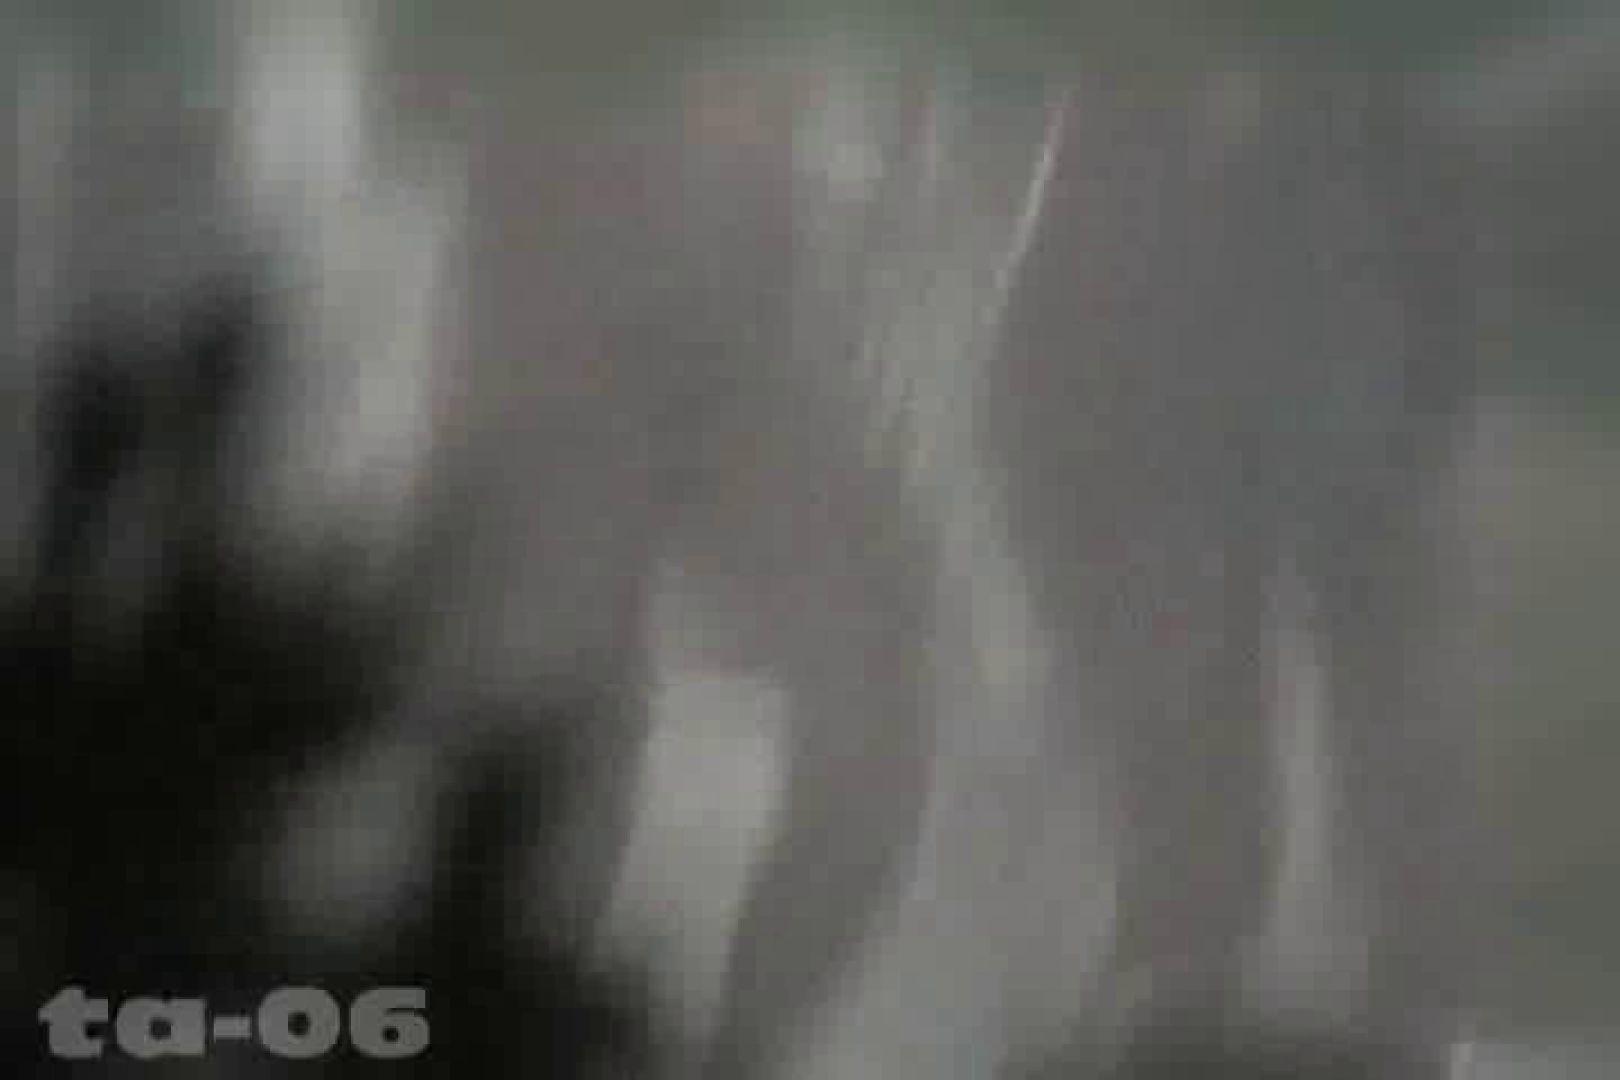 合宿ホテル女風呂盗撮高画質版 Vol.06 女風呂 AV動画キャプチャ 87枚 4